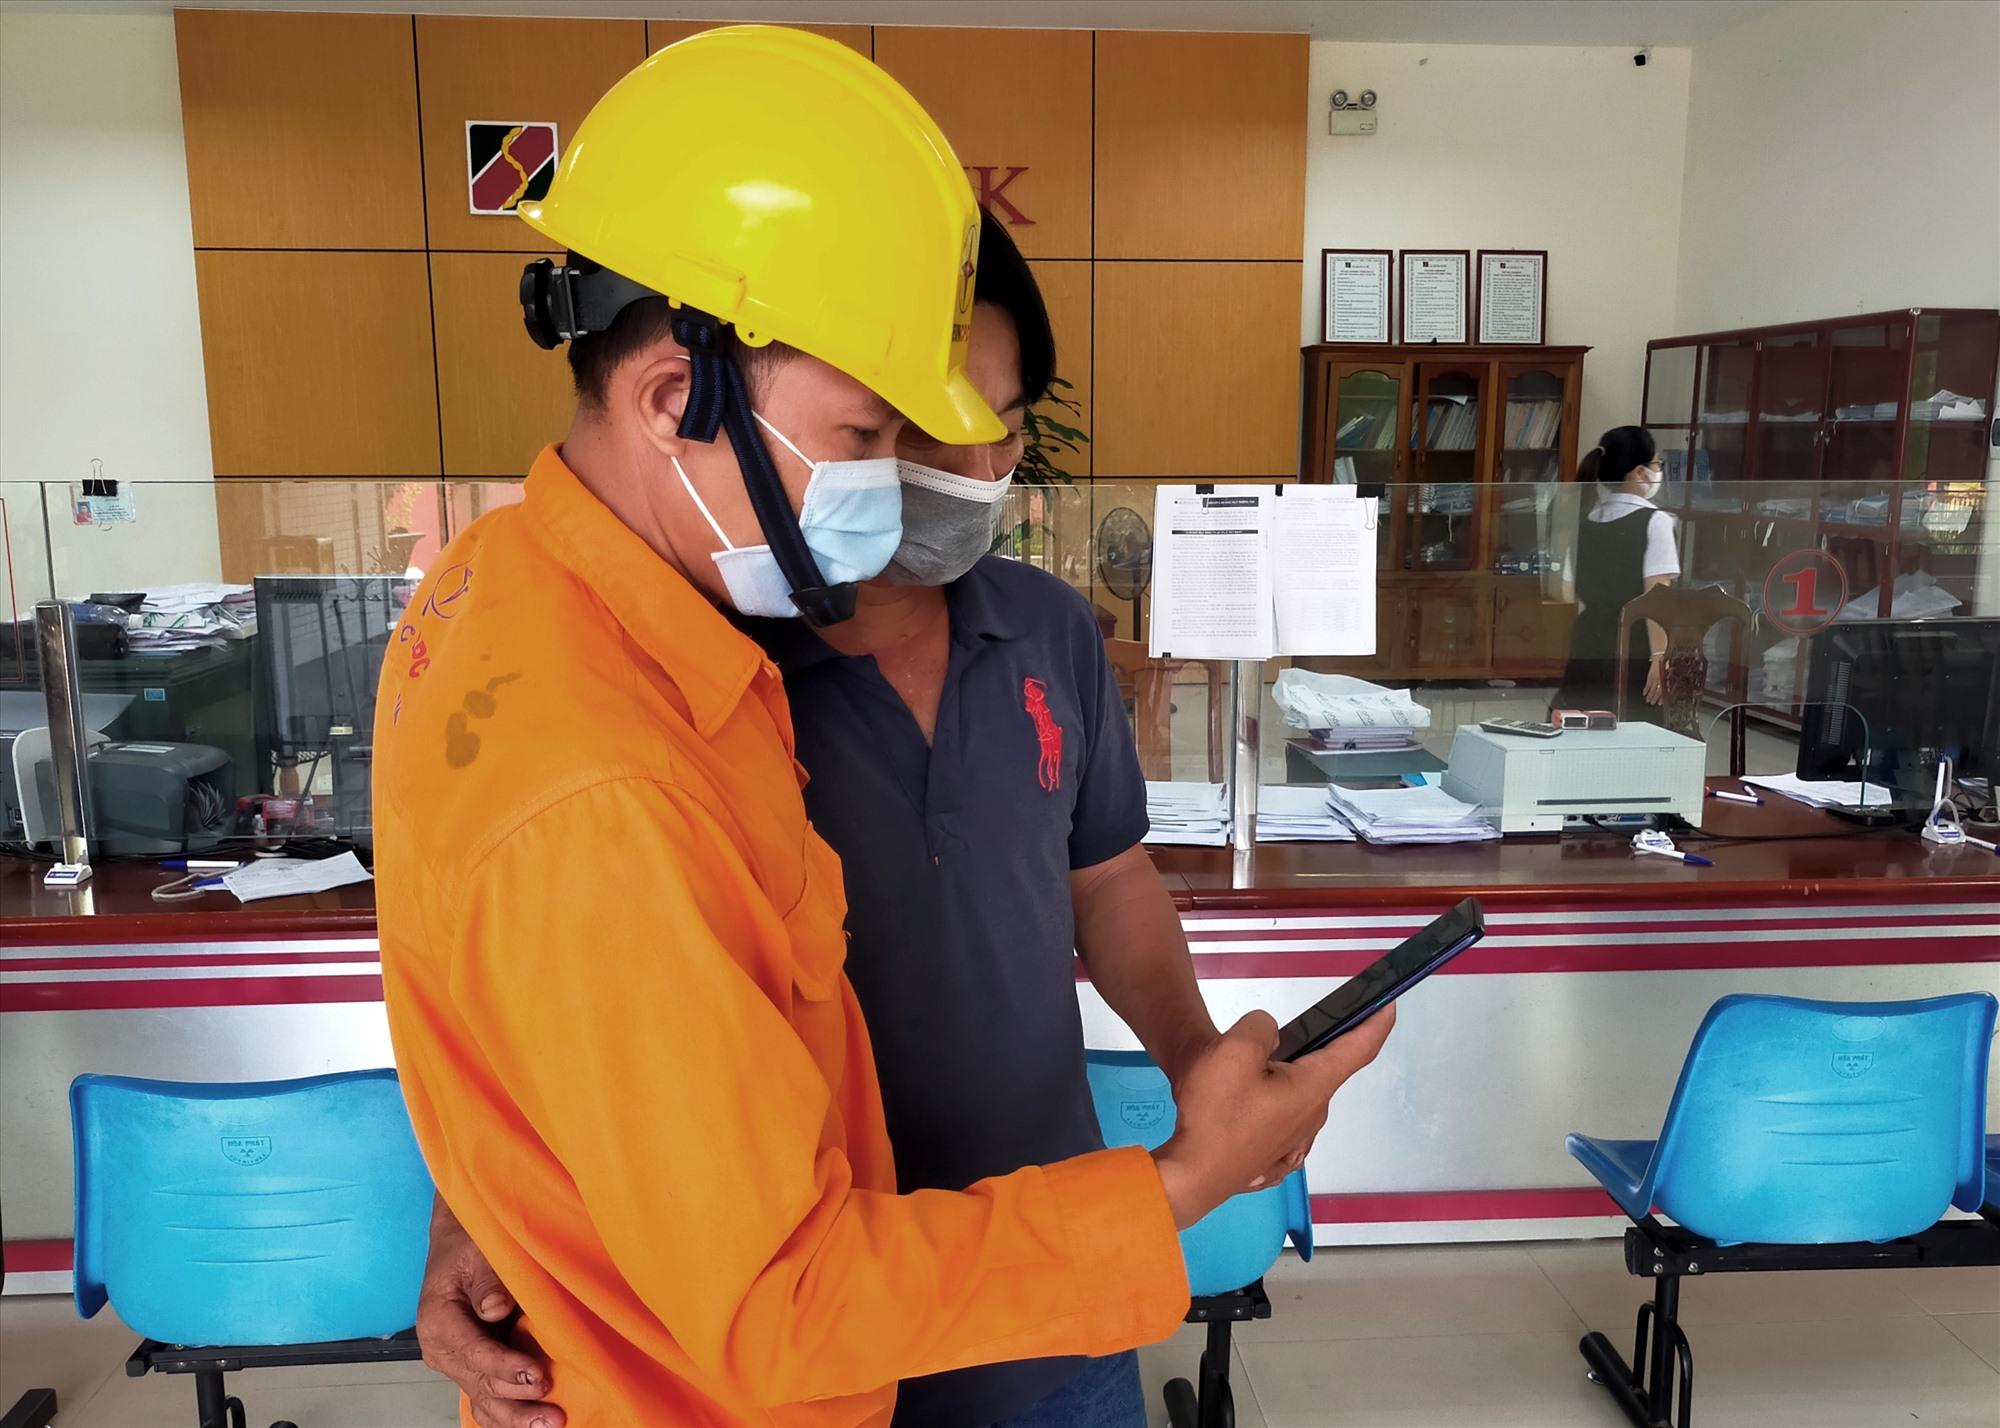 Nhân viên Điện lực Hiệp Đức đến tận ngân hàng hỗ trợ khách cài đặt ứng dụng công nghệ số trong thanh toán tiền điện. Ảnh: K.P